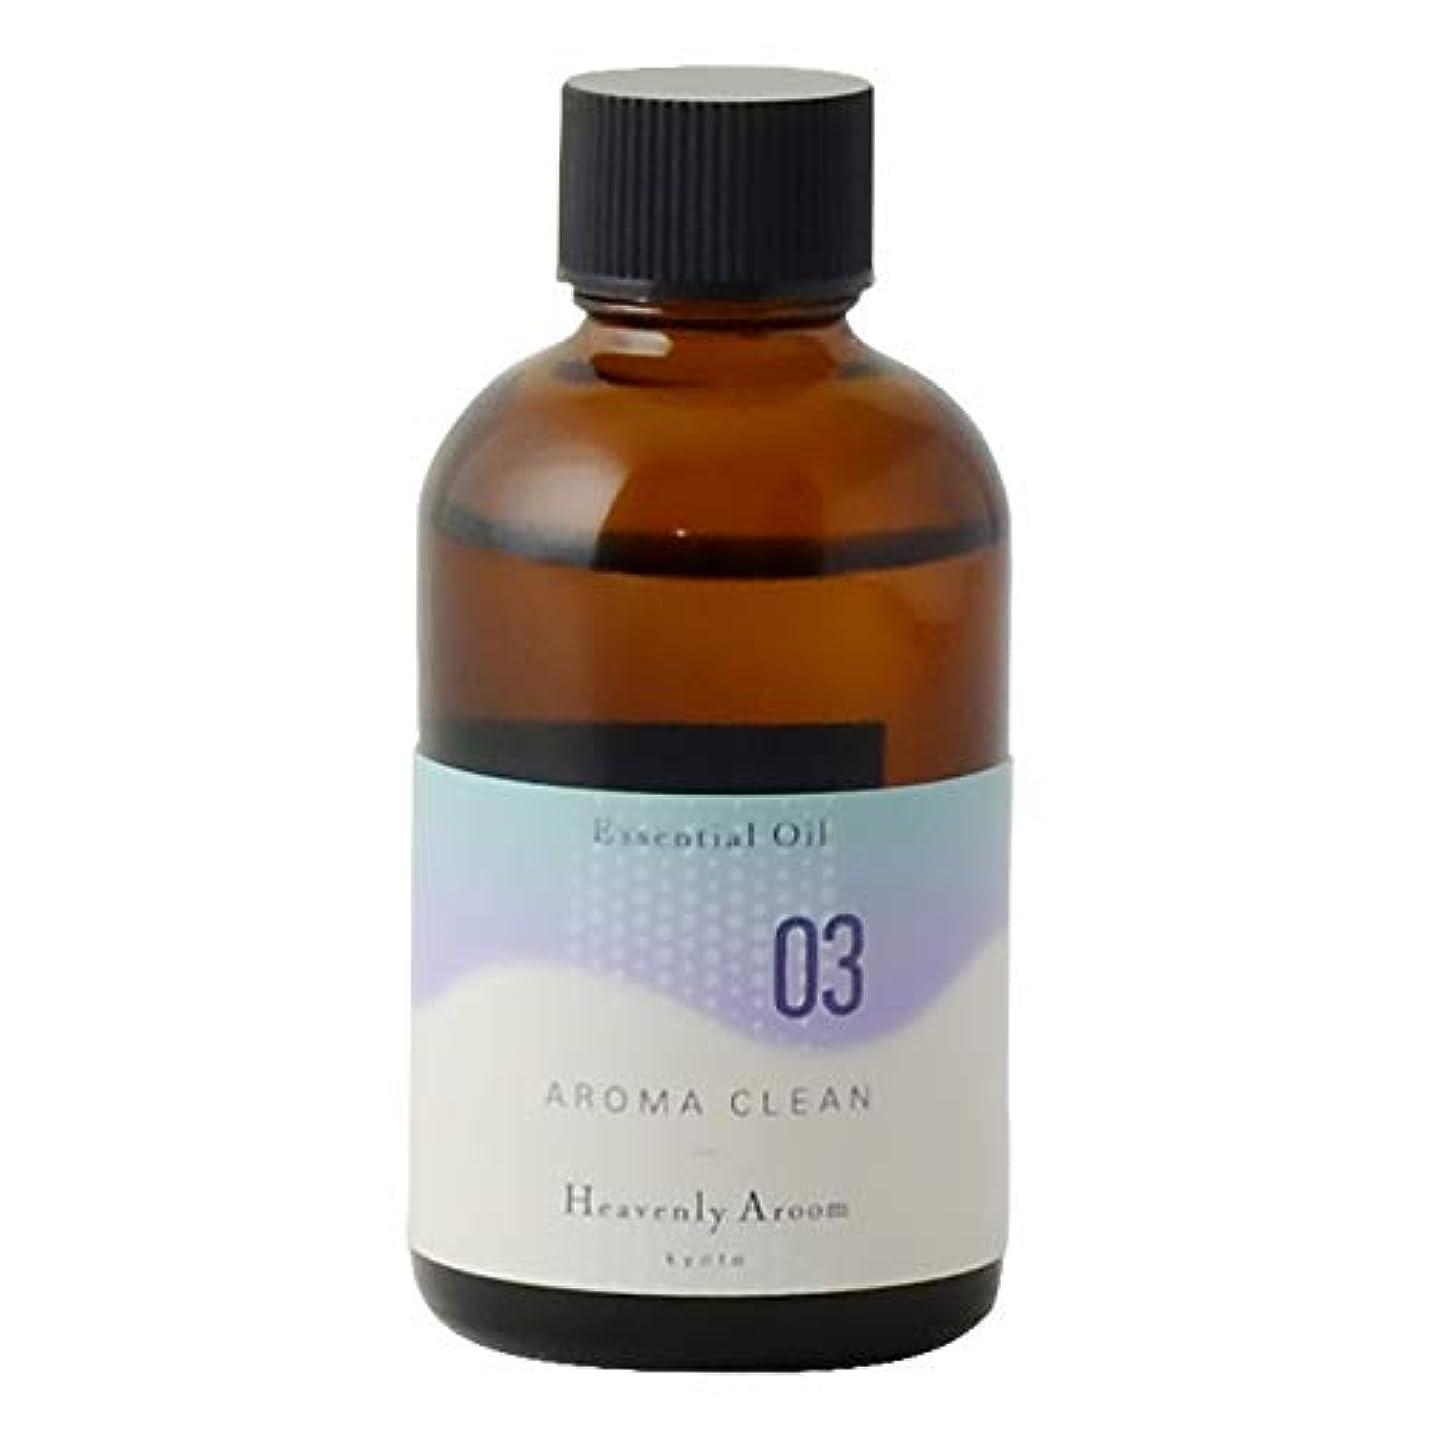 個性パパかなりのHeavenly Aroom エッセンシャルオイル AROMA CLEAN 03 ラベンダータイム 50ml